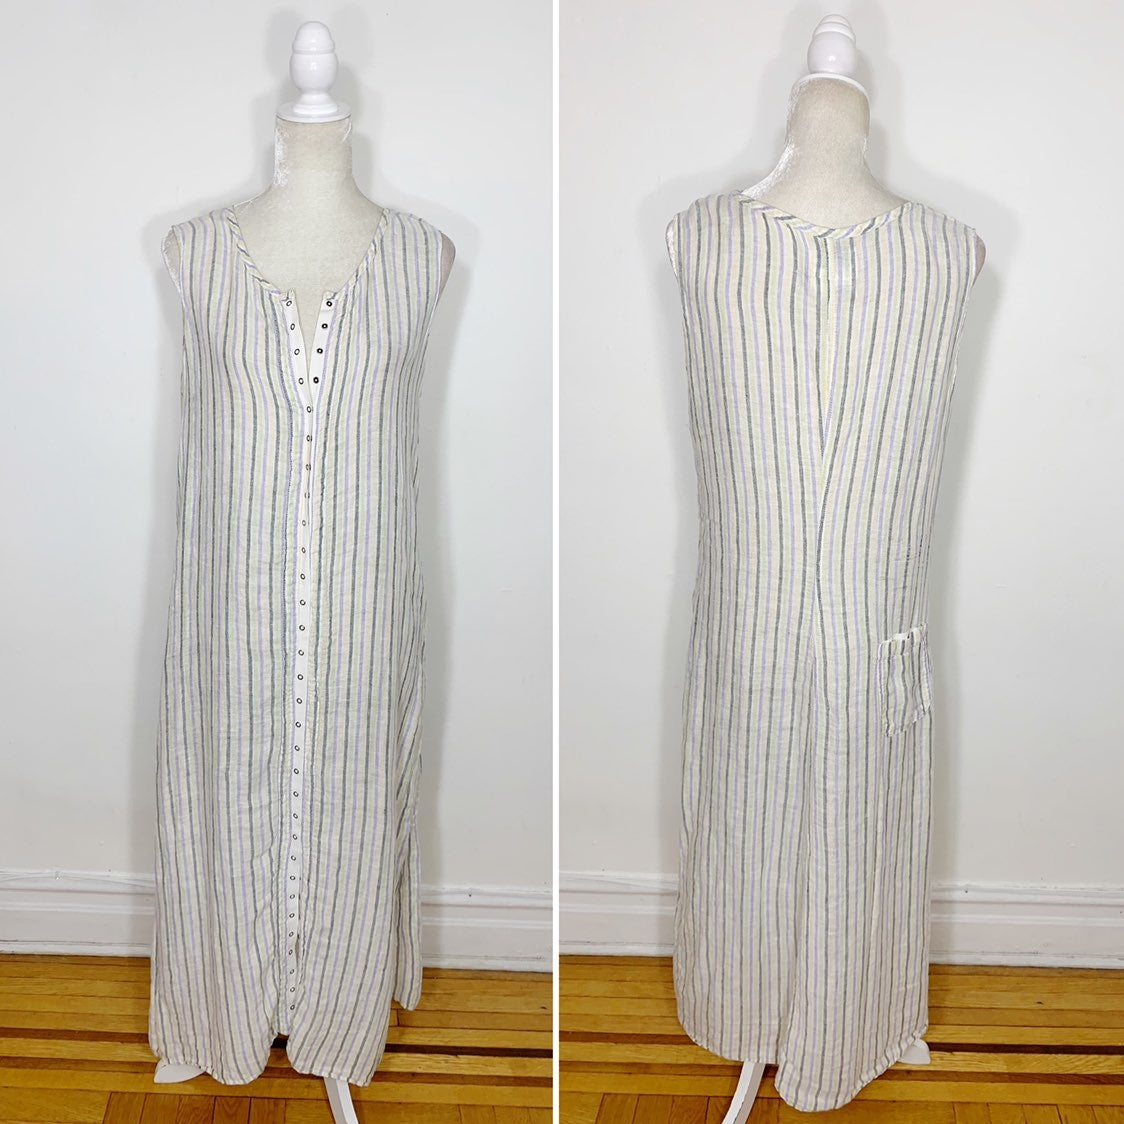 flax linen snap up sleeveless dress